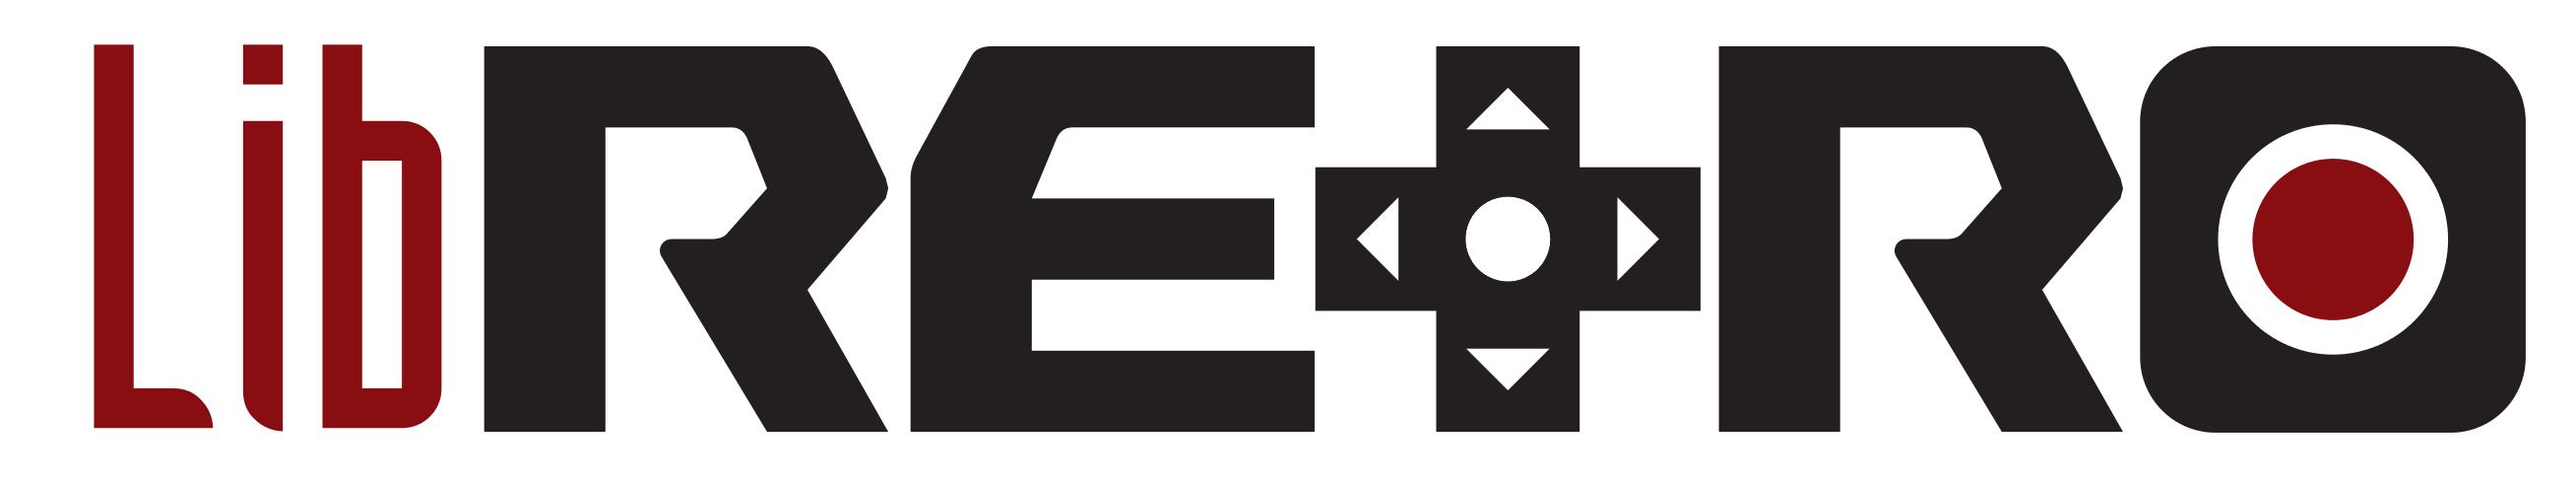 libretro_logo